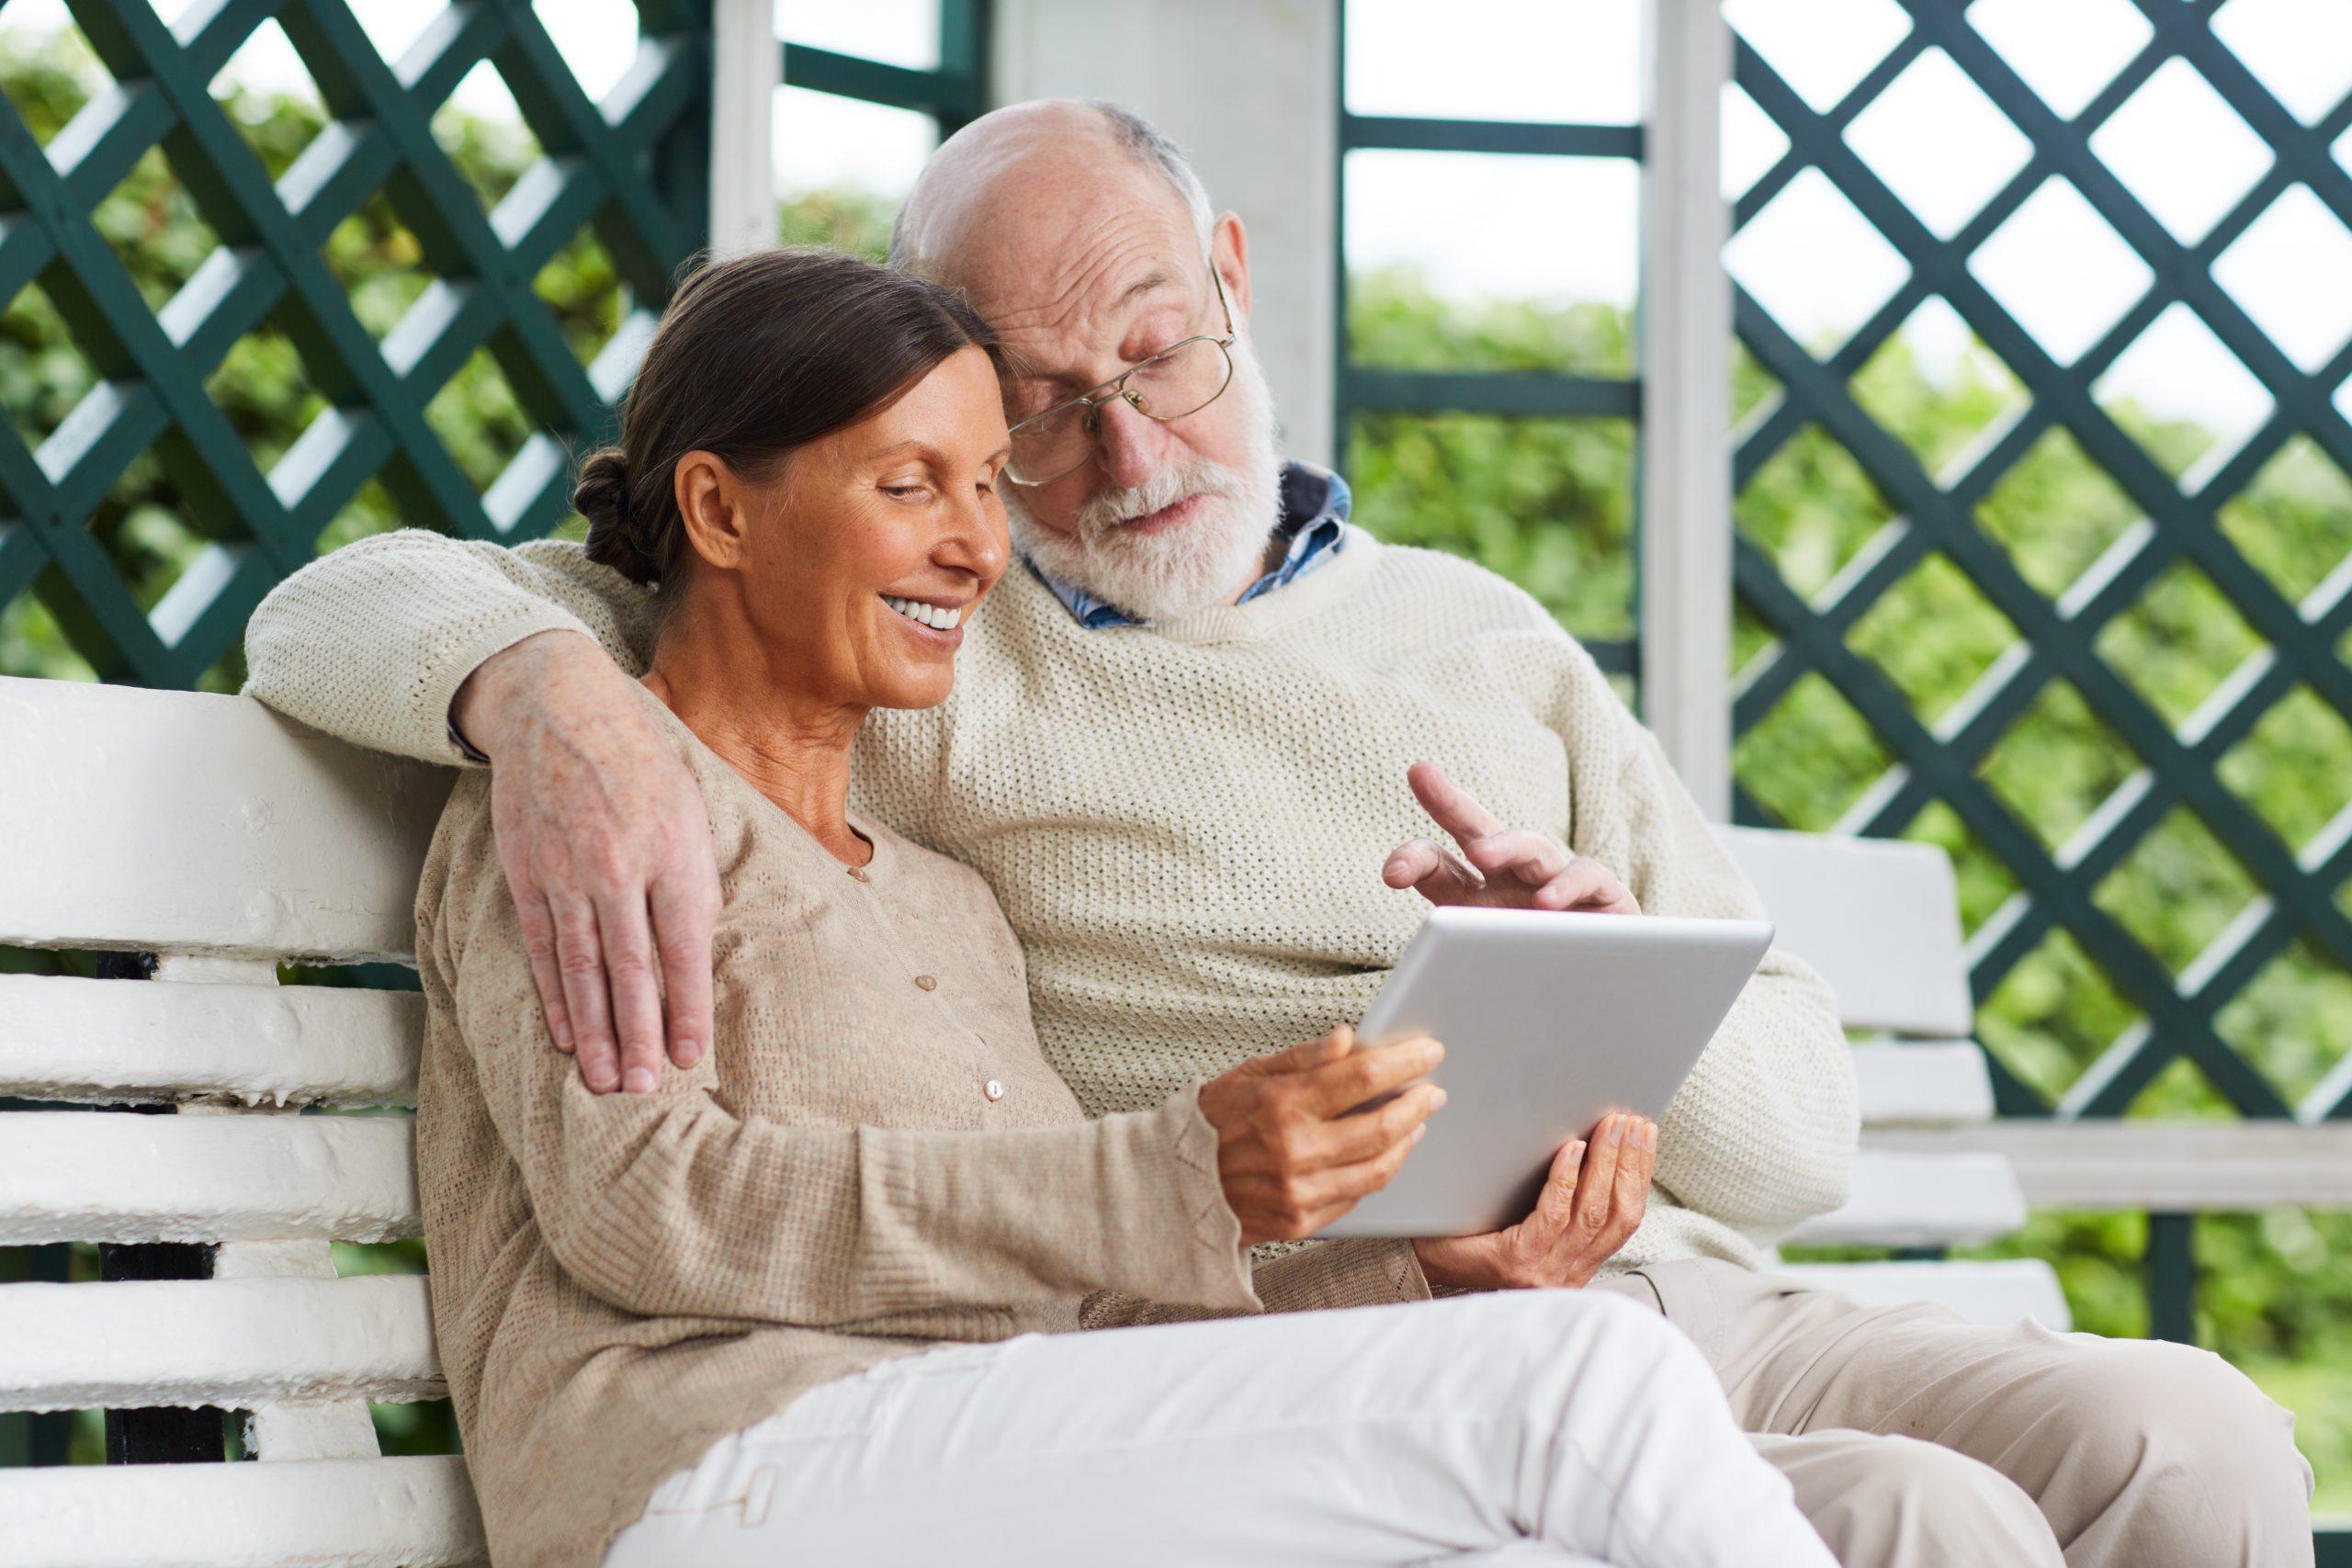 Strategi pensiun dan perencanaan keuangan yang matang